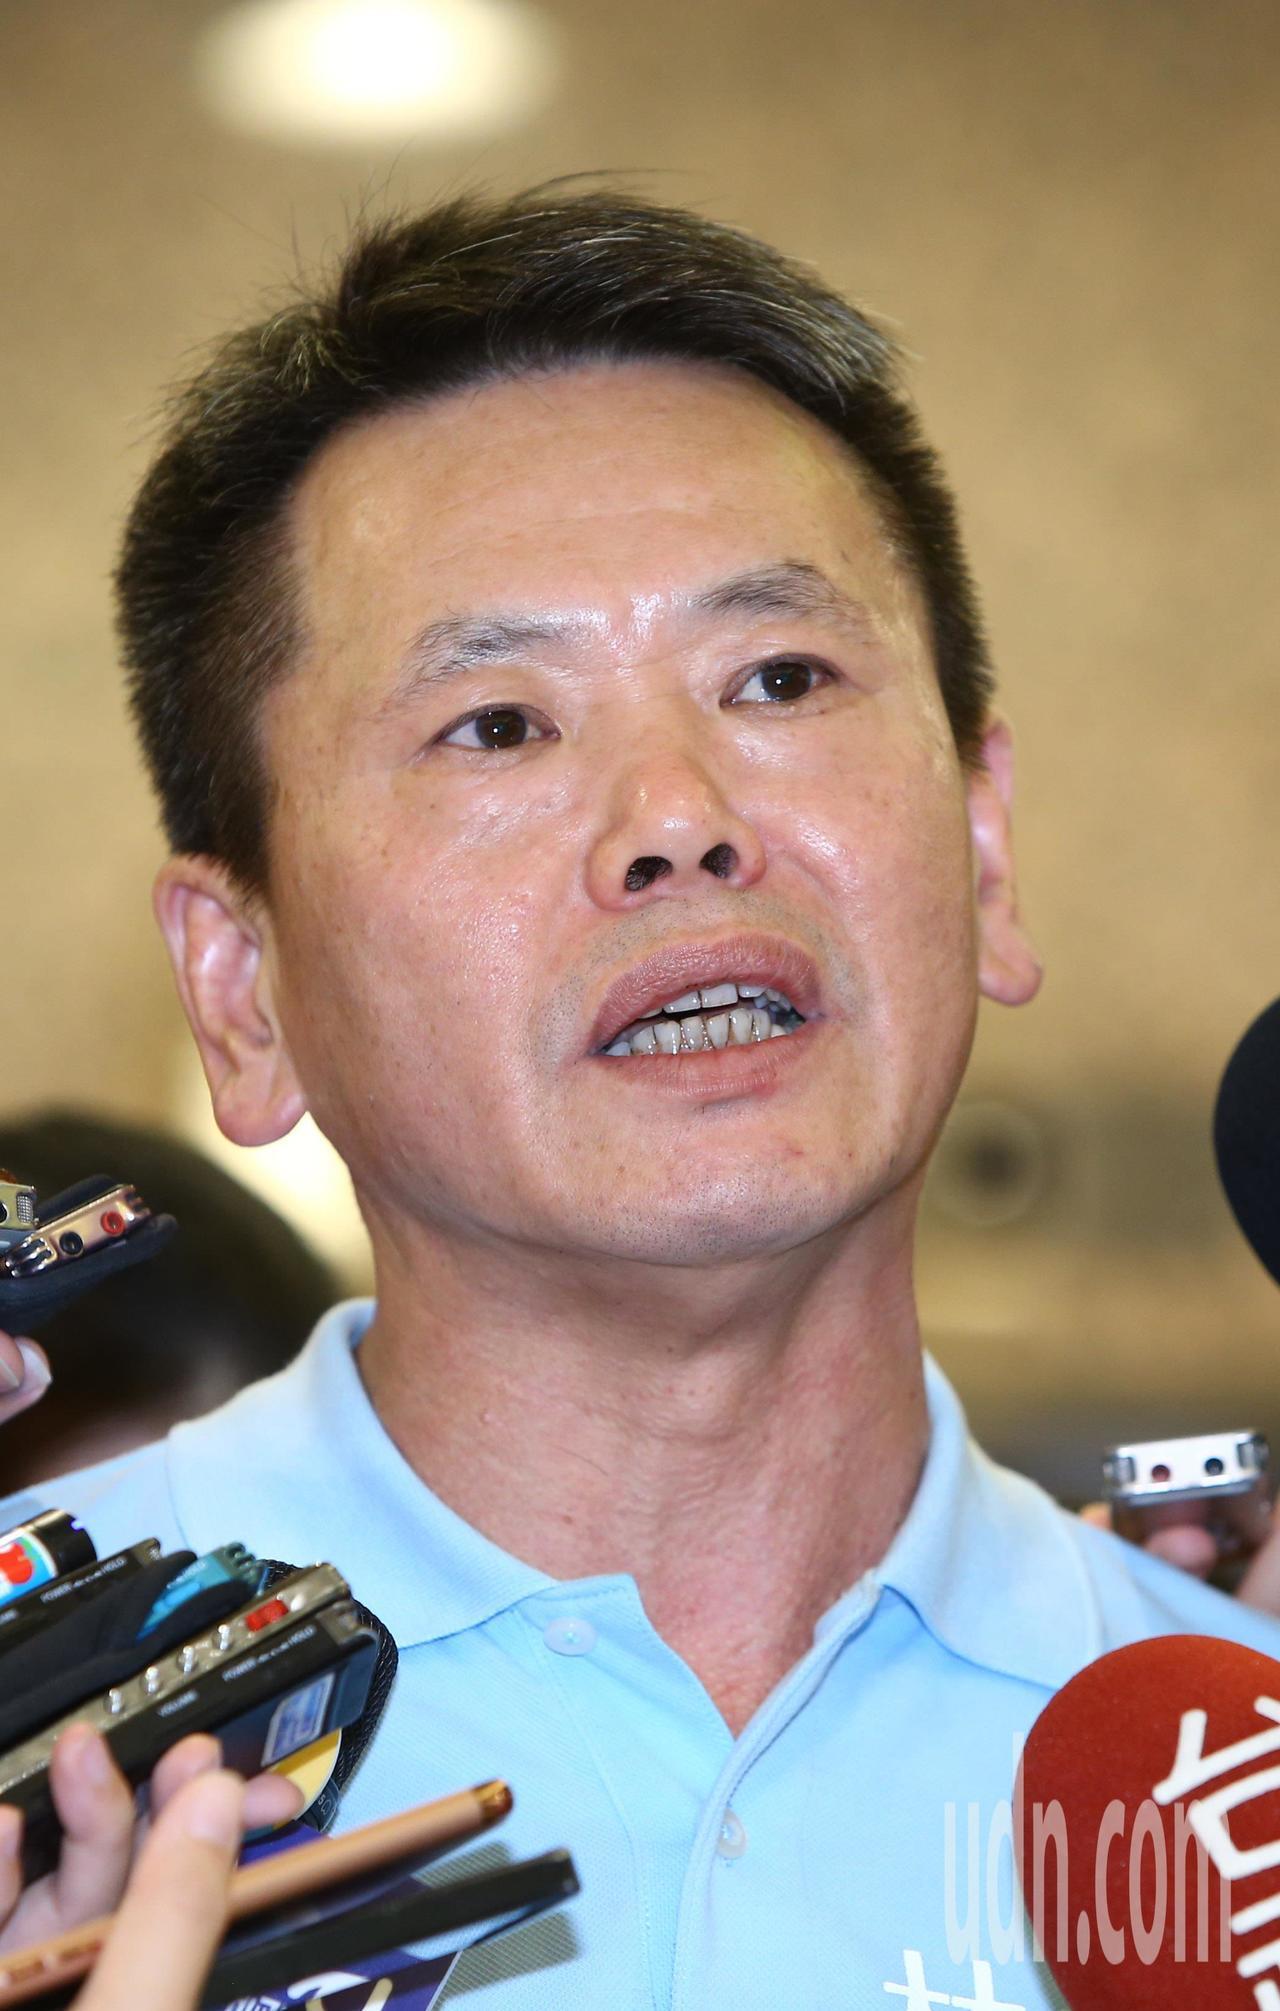 國民黨立委林為洲下午在立法院舉行記者會,宣布正式參選新竹縣長,記者會結束後他振臂...